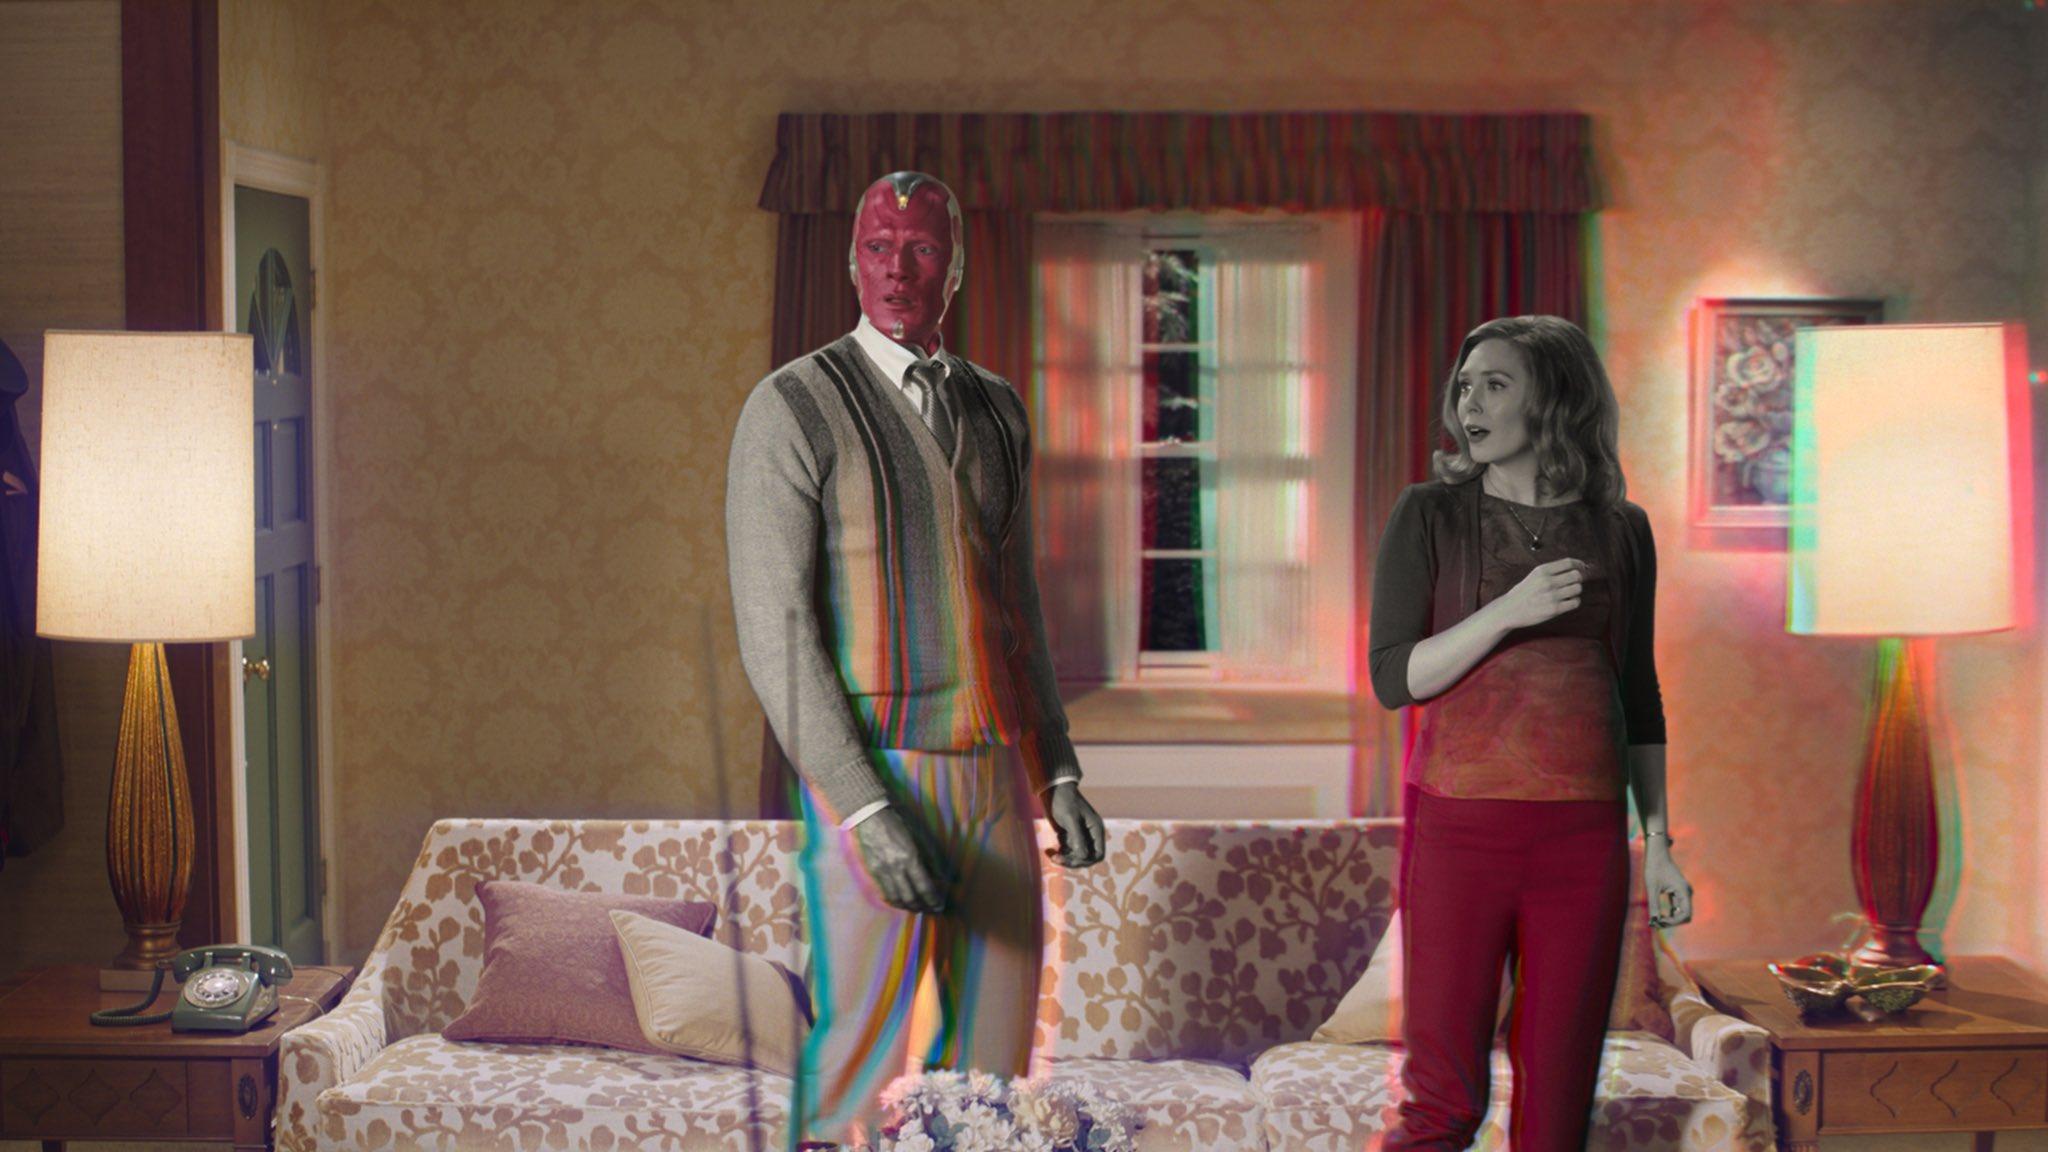 WandaVision : première bande-annonce loufoque pour la série Marvel